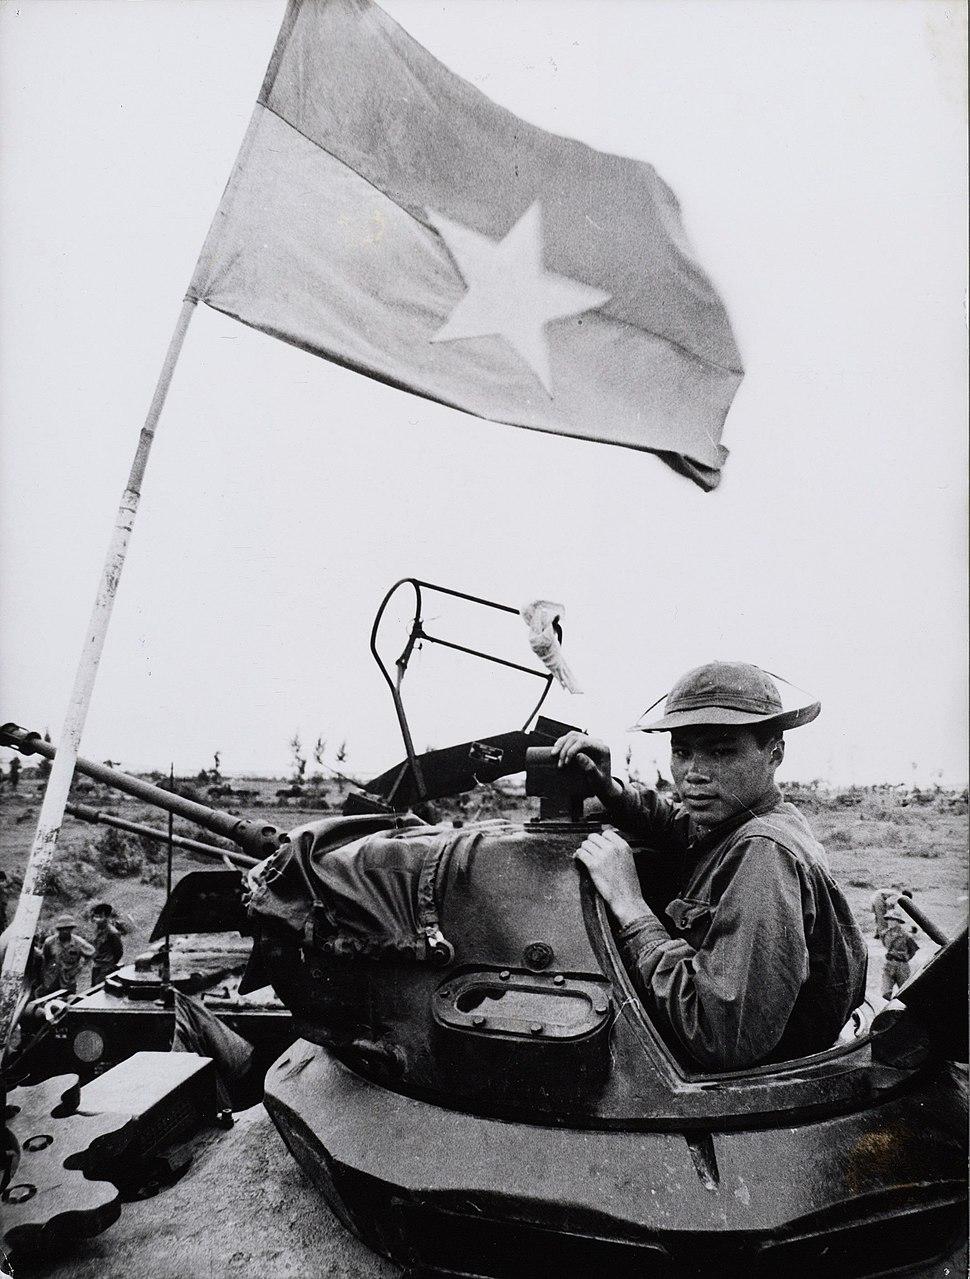 Soldaat van het Nationale Front voor de bevrijding van Zuid-Vietnam bevrijdingsleger in een buitgemaakte Amerikaanse tank